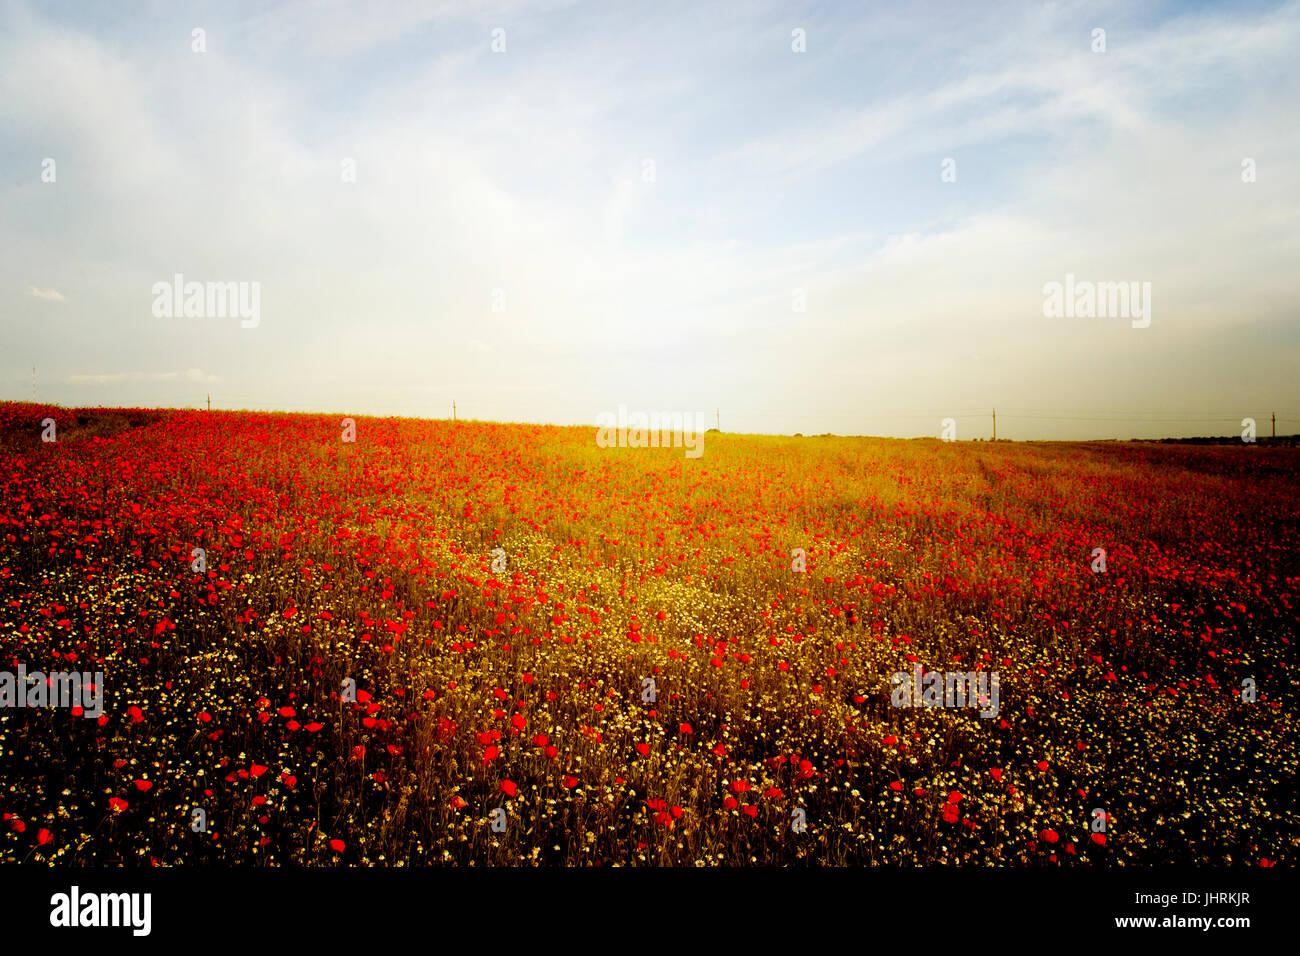 Mohnfeld im Sonnenuntergang Stockbild